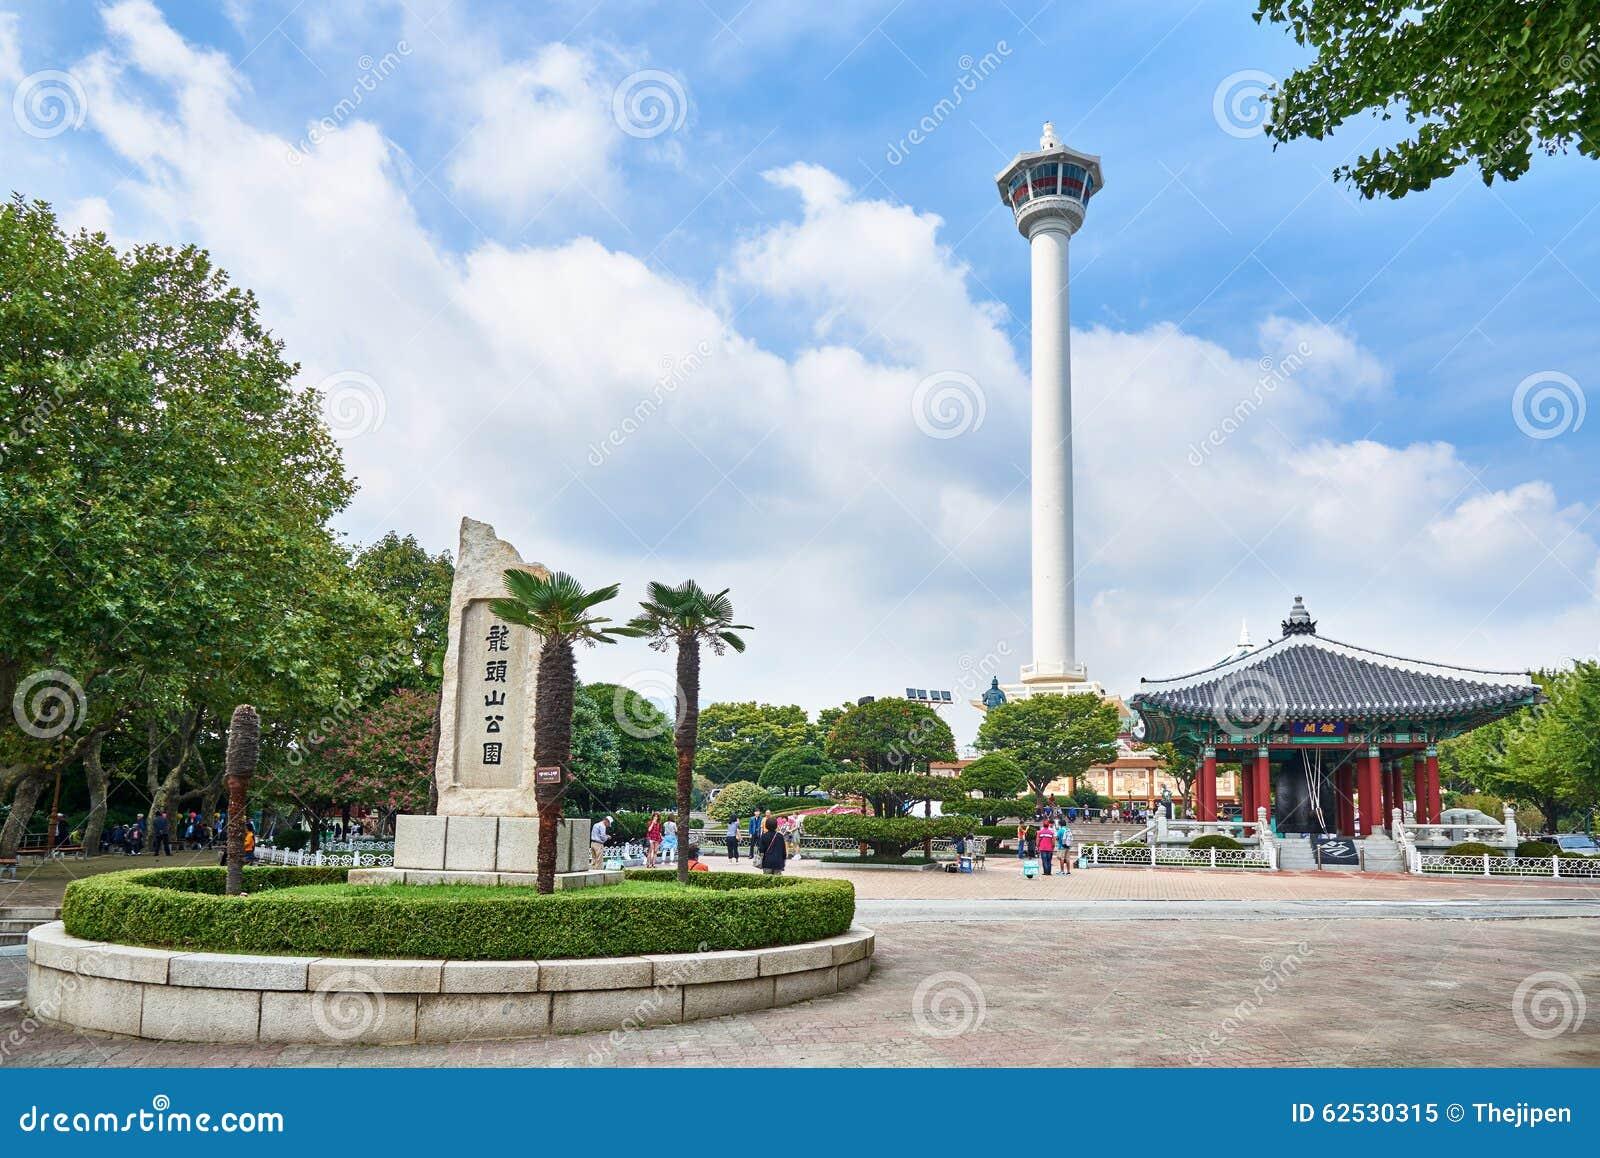 釜山,韩国- 2015年9月20日:Yongdusan公园,釜山塔